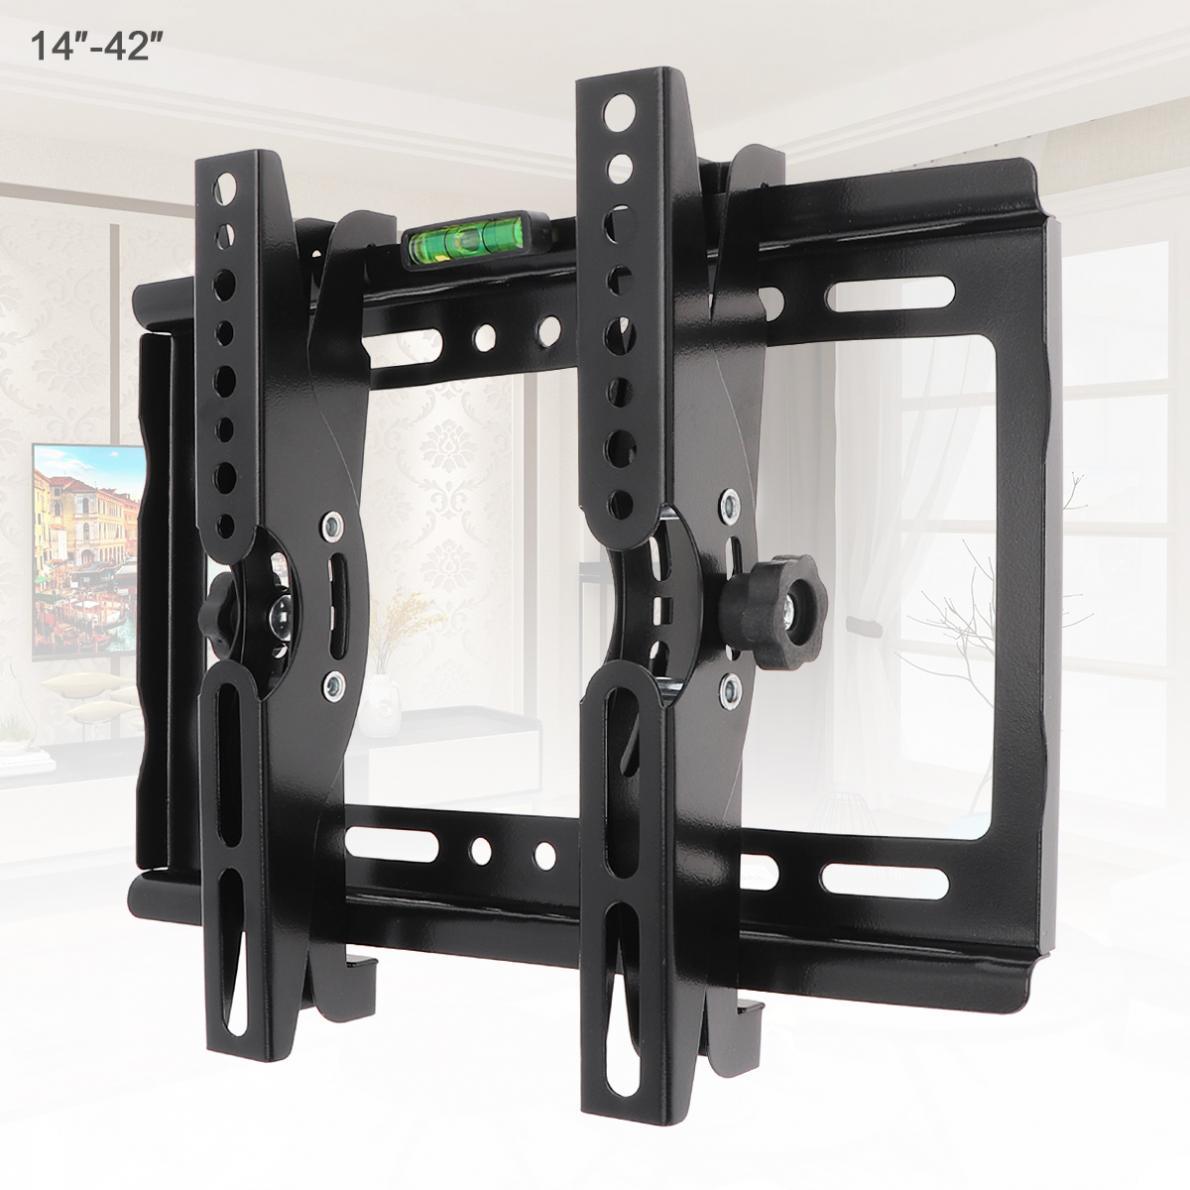 Support réglable de cadre de Support de TV d'écran plat de supports de mur de TV de 25KG Angle d'inclinaison de 15 degrés avec le niveau pour le LED d'affichage à cristaux liquides de 14-42 pouces